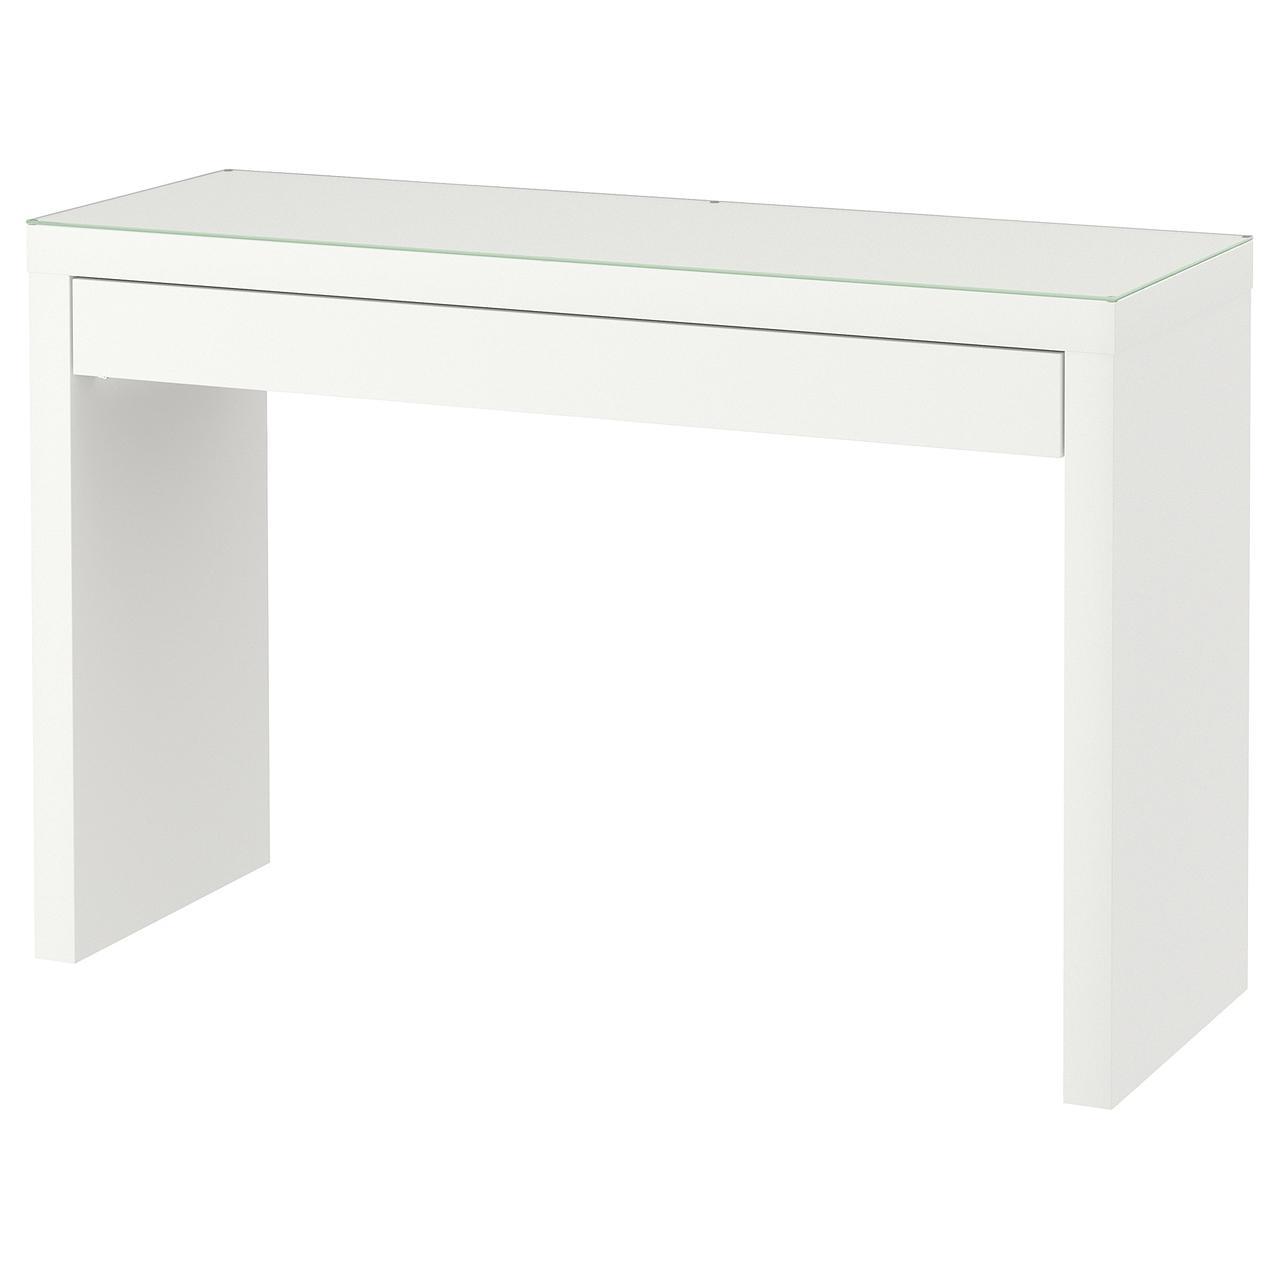 МАЛЬМ Туалетный столик, белый